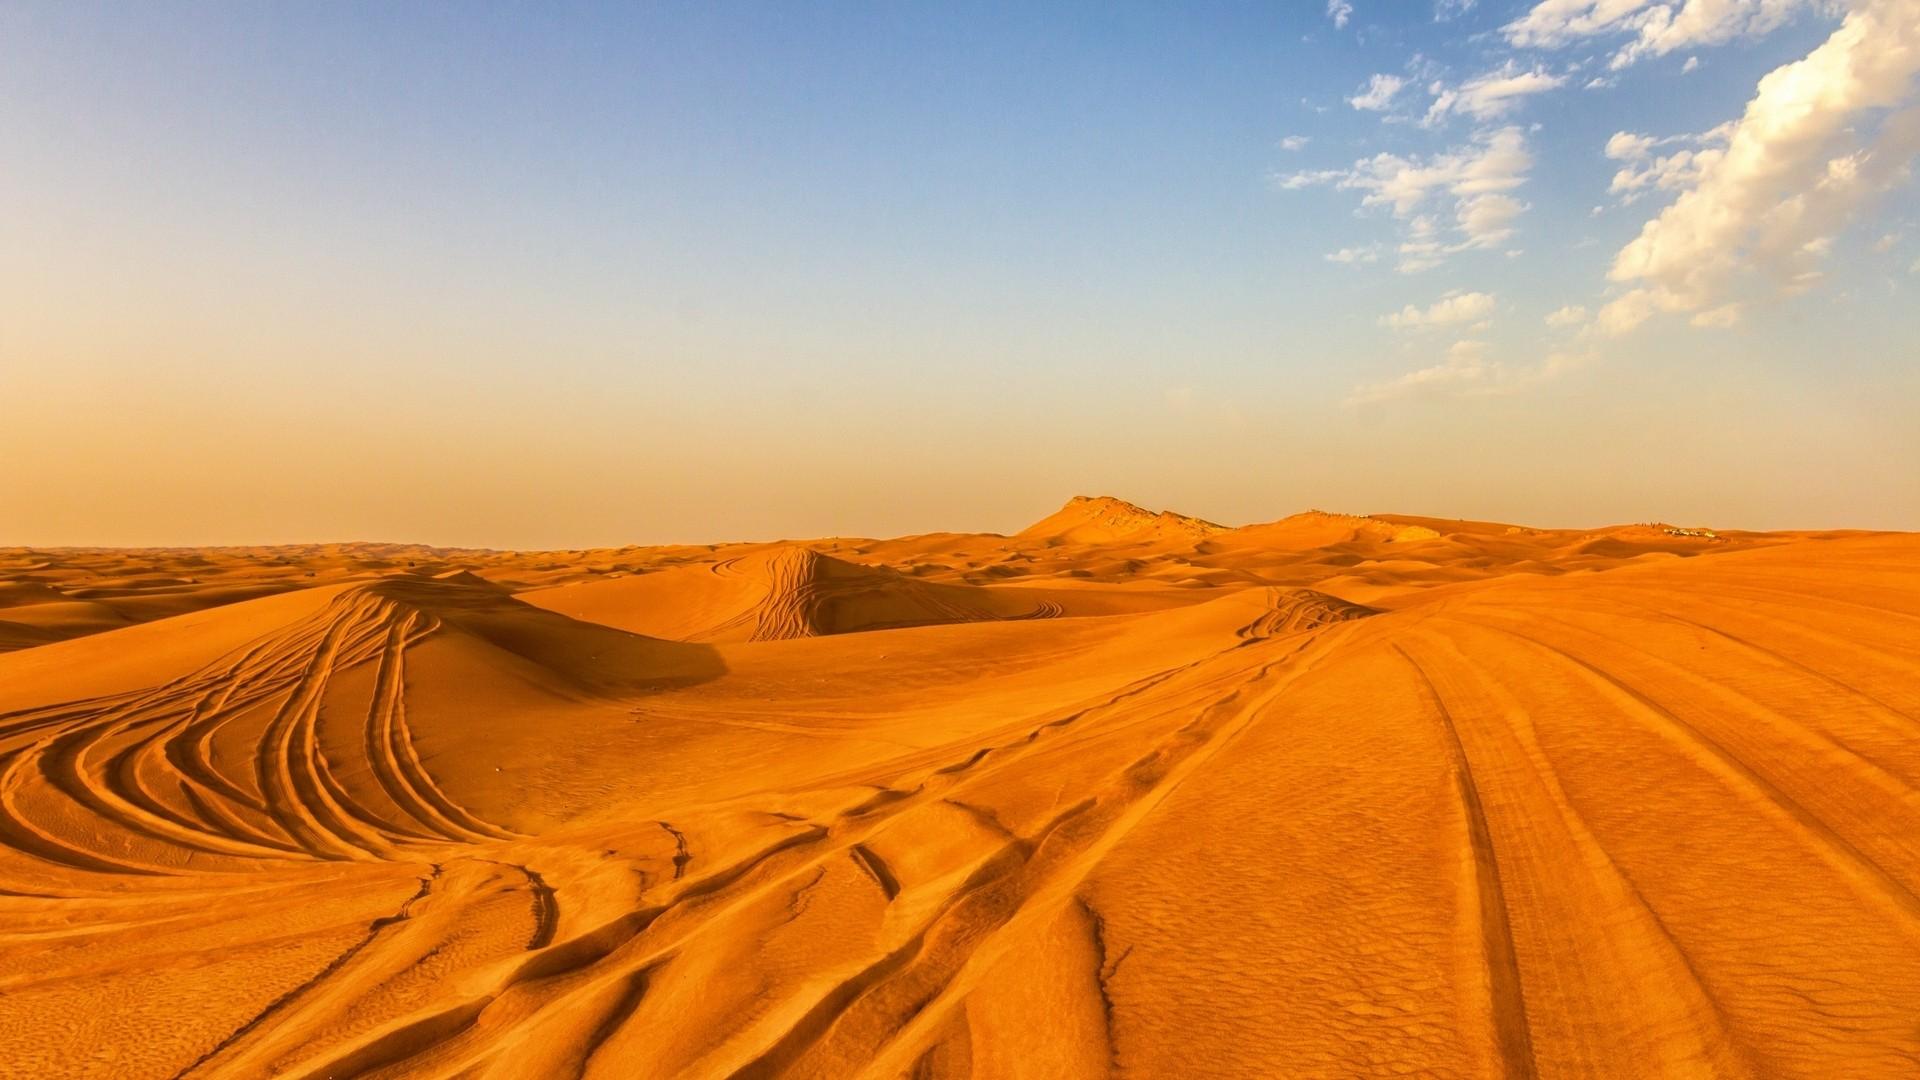 Desert Wallpaper for pc